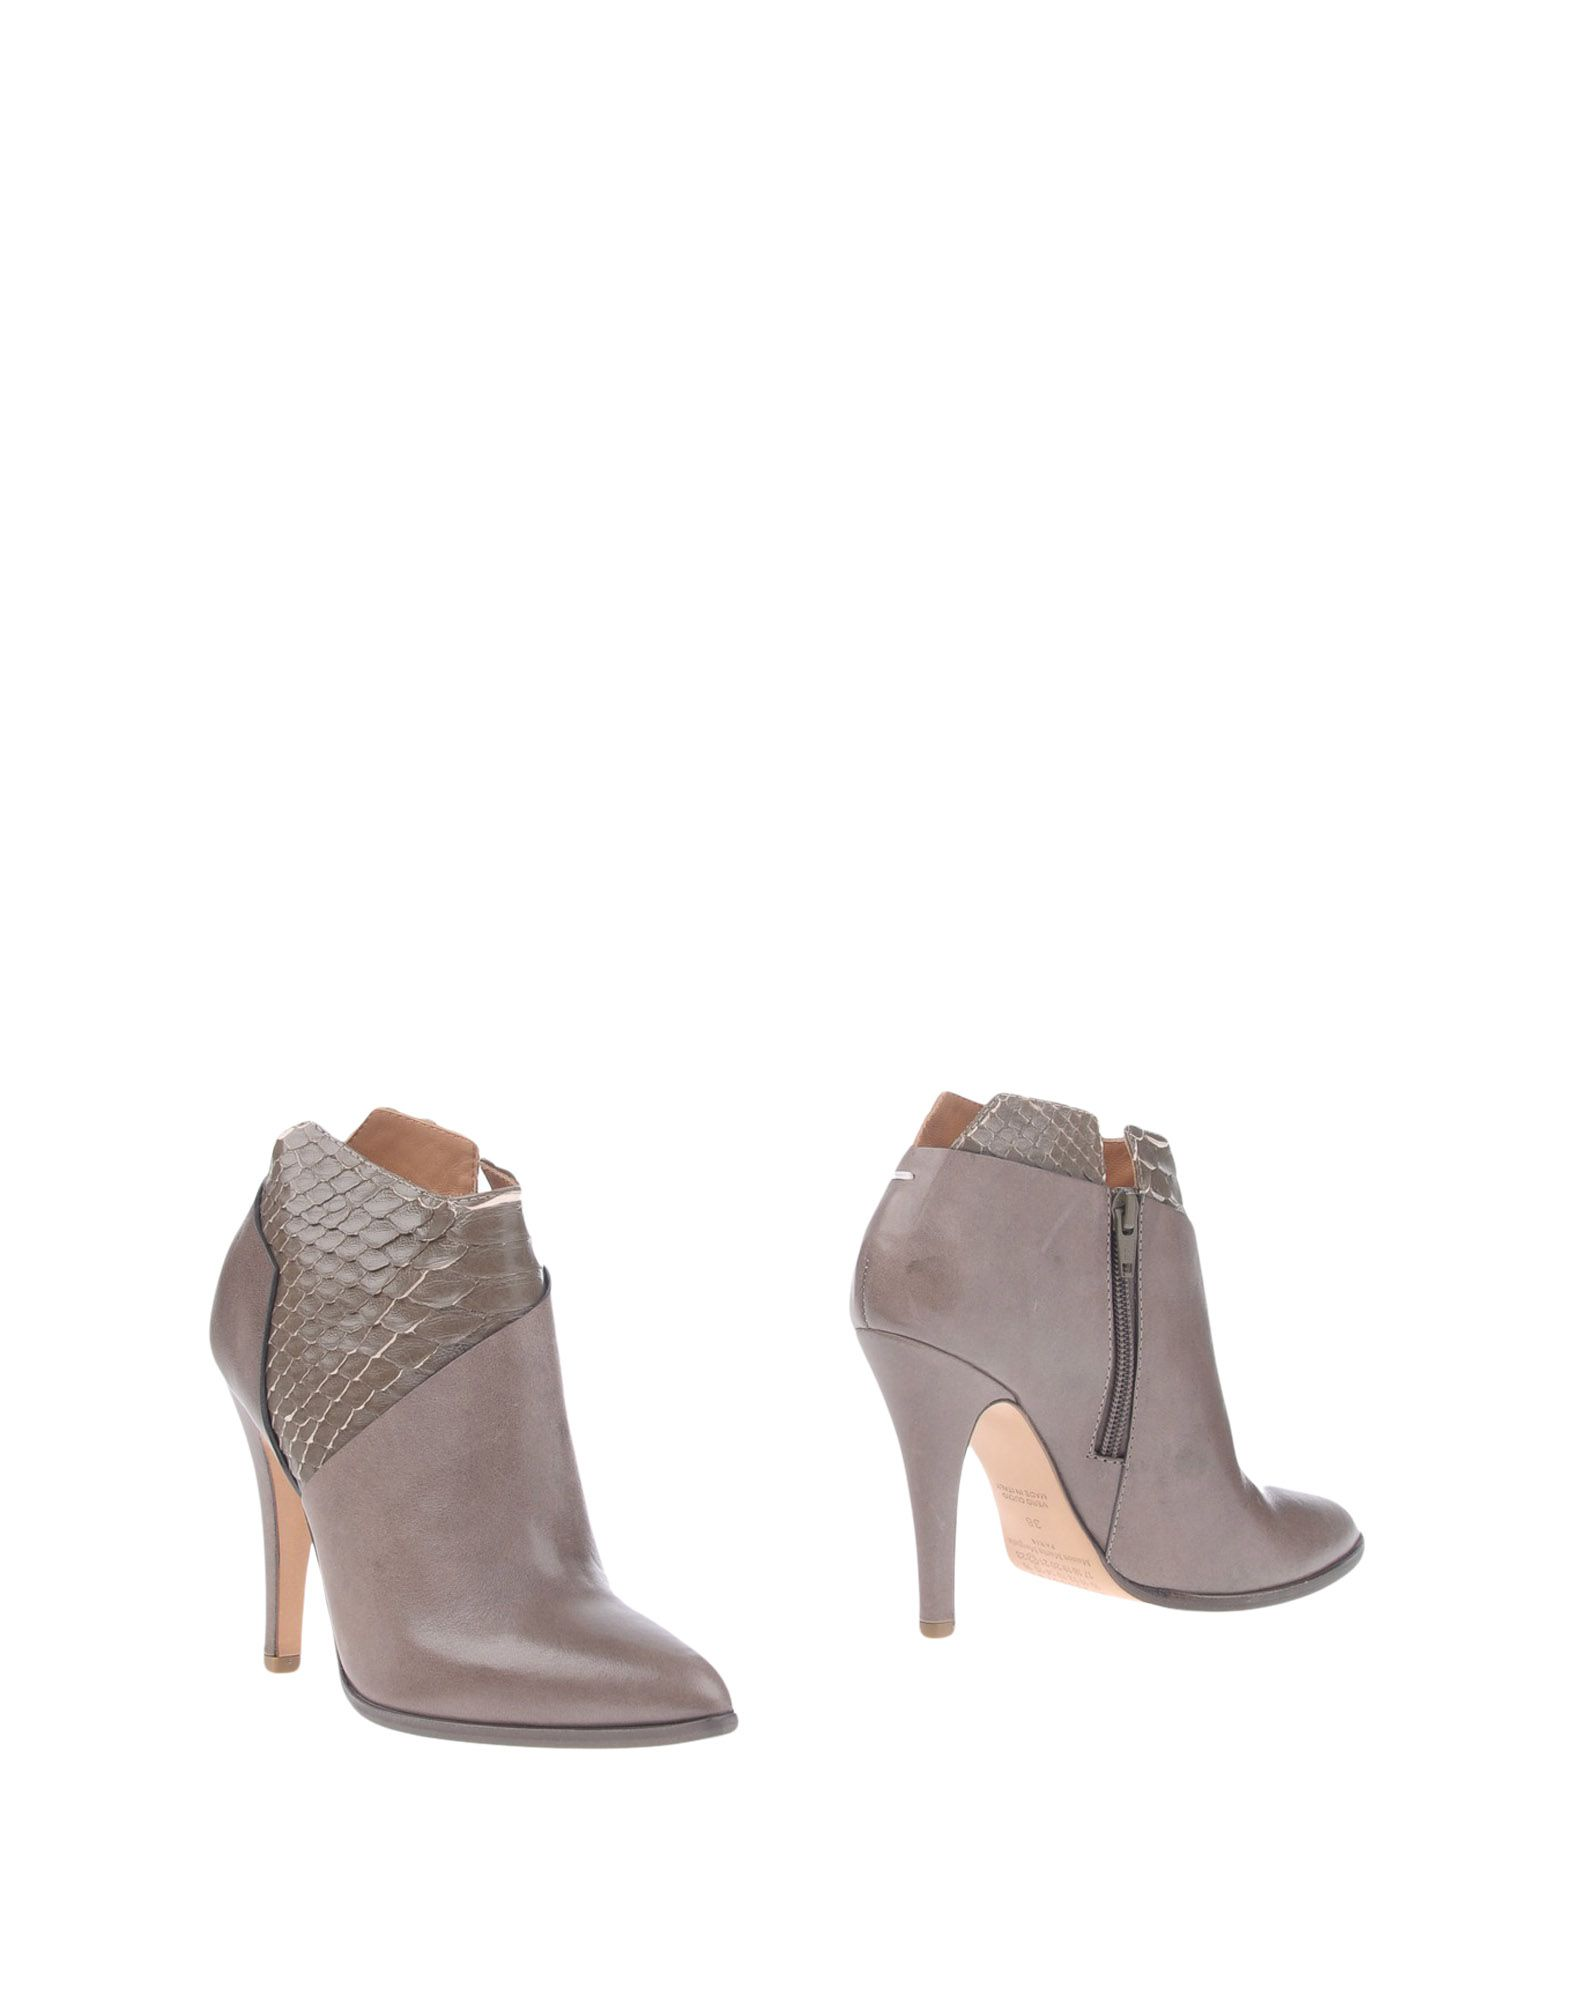 Rabatt Schuhe Maison Margiela Stiefelette Damen  11309360LU